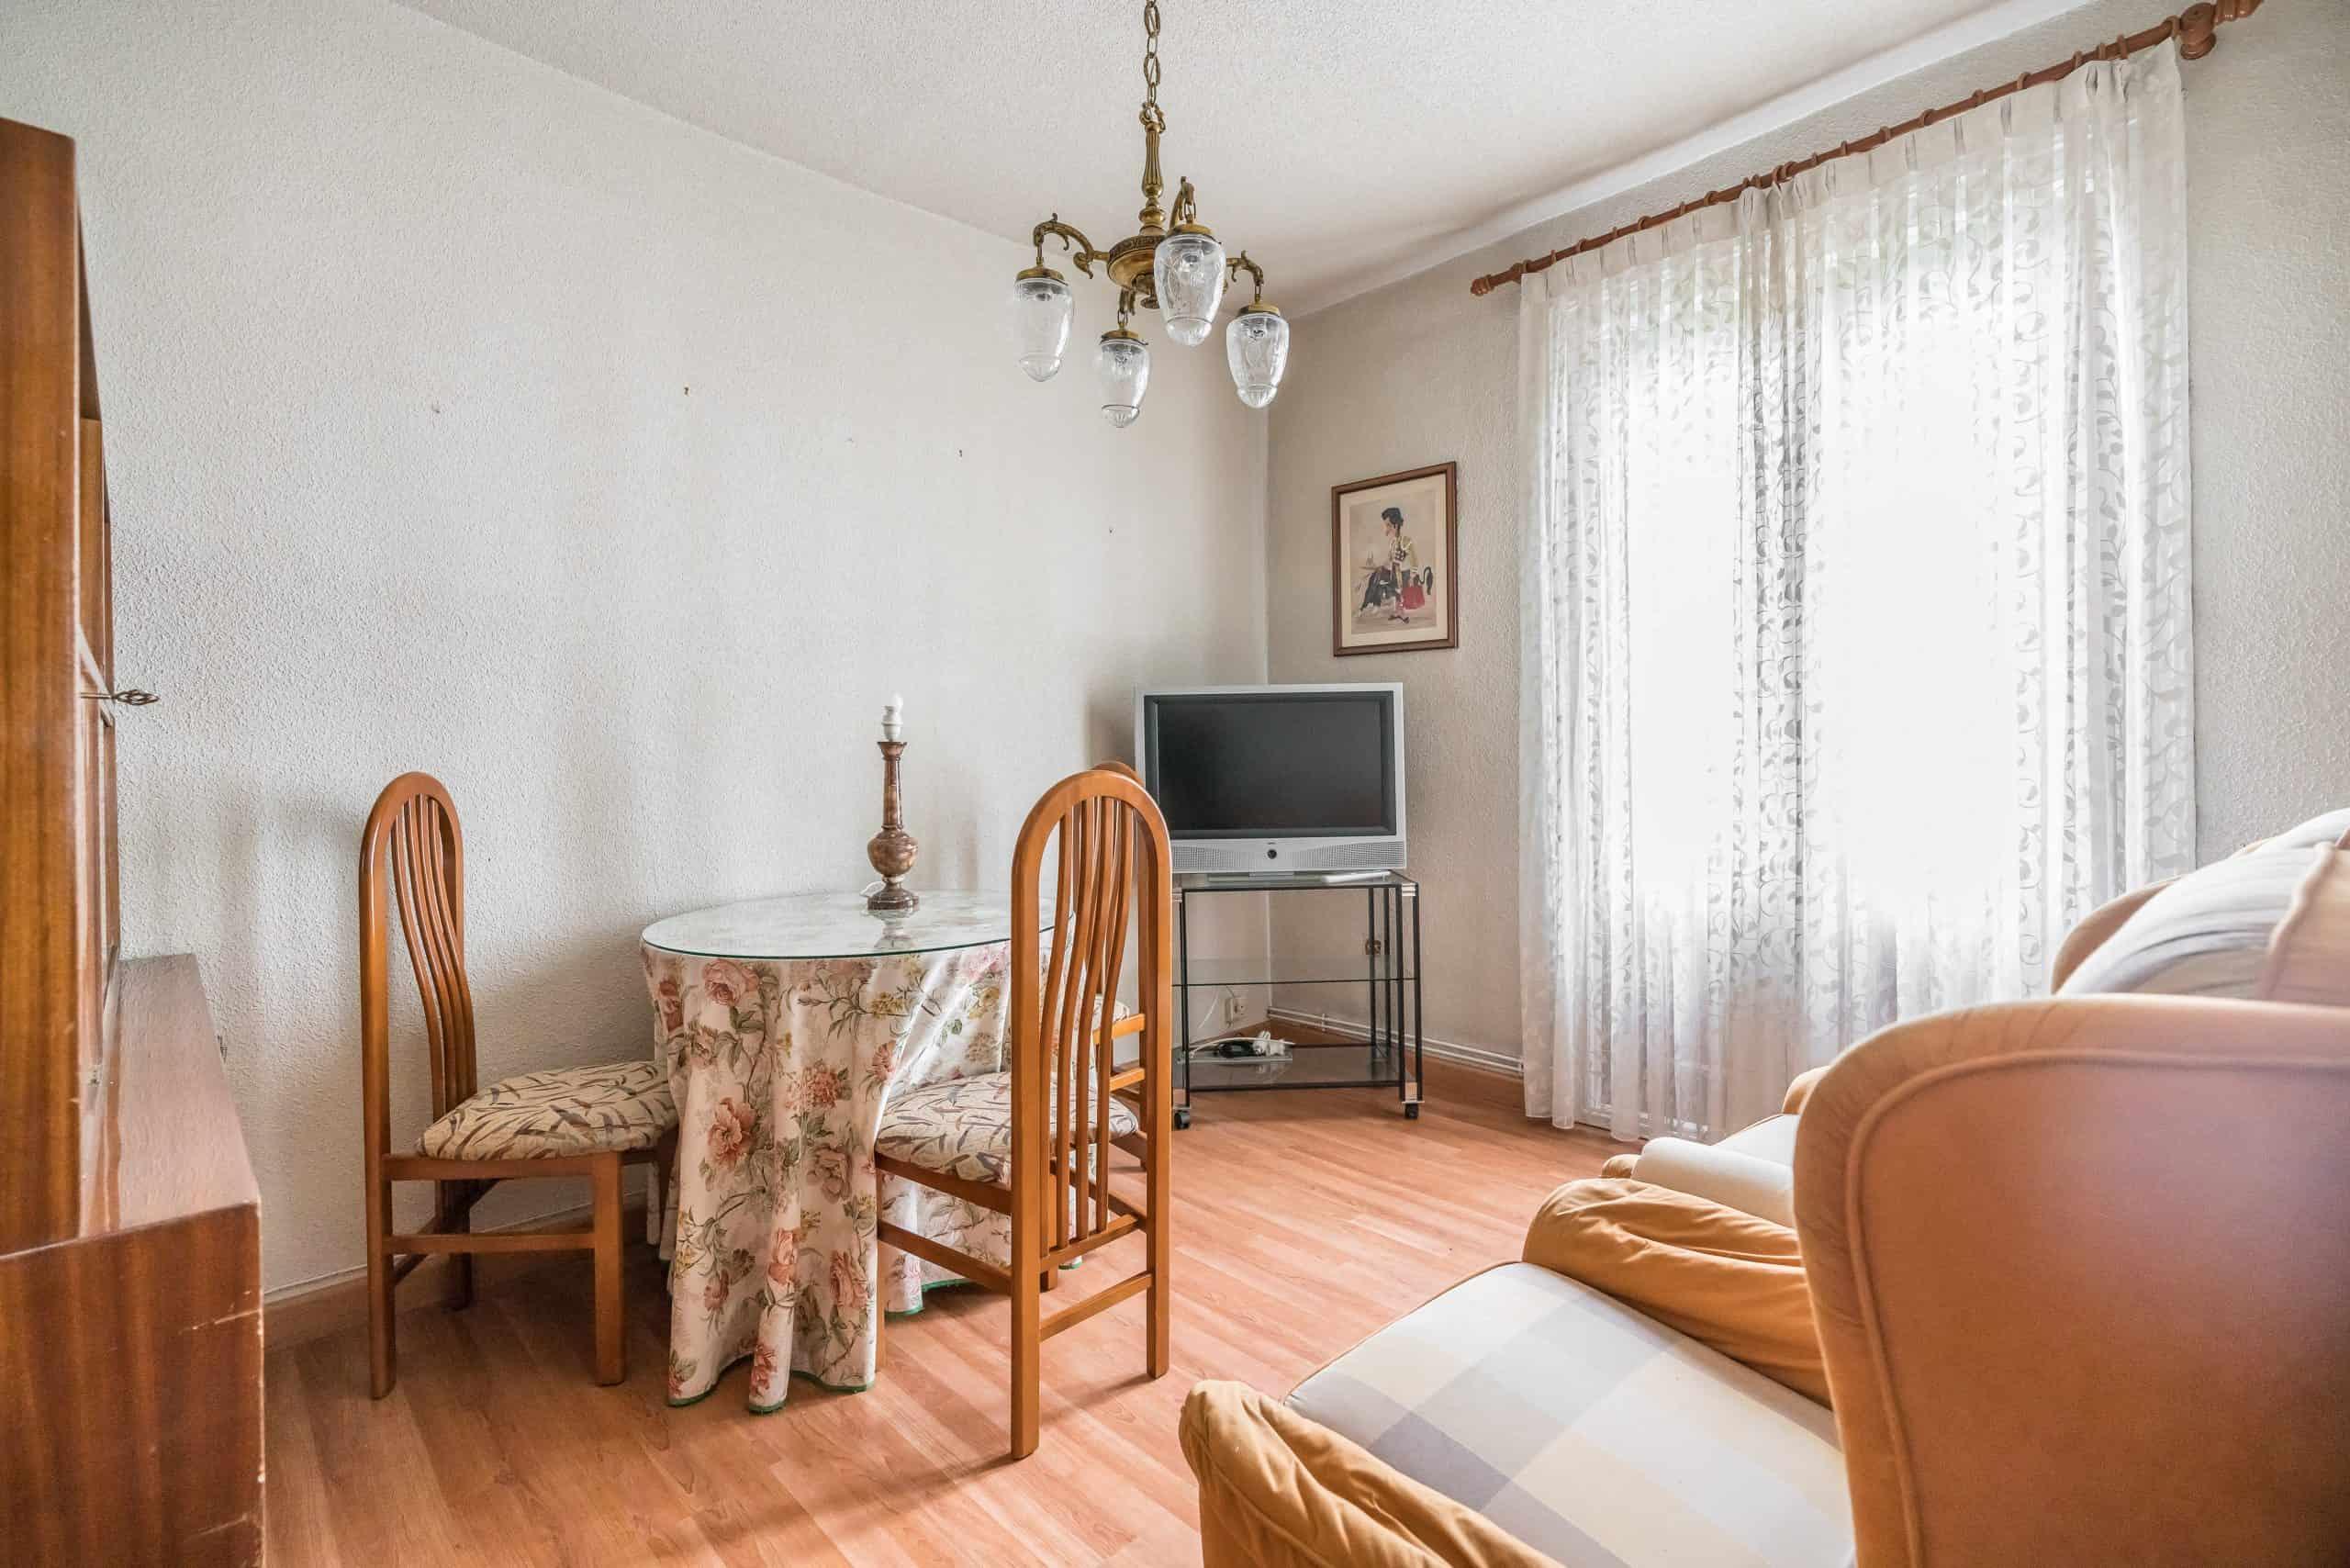 3 DORMITORIO2 (3) (Copy) Agencia Inmobiliaria de Madrid-FUTUROCASA-Zona ARGANZUELA-